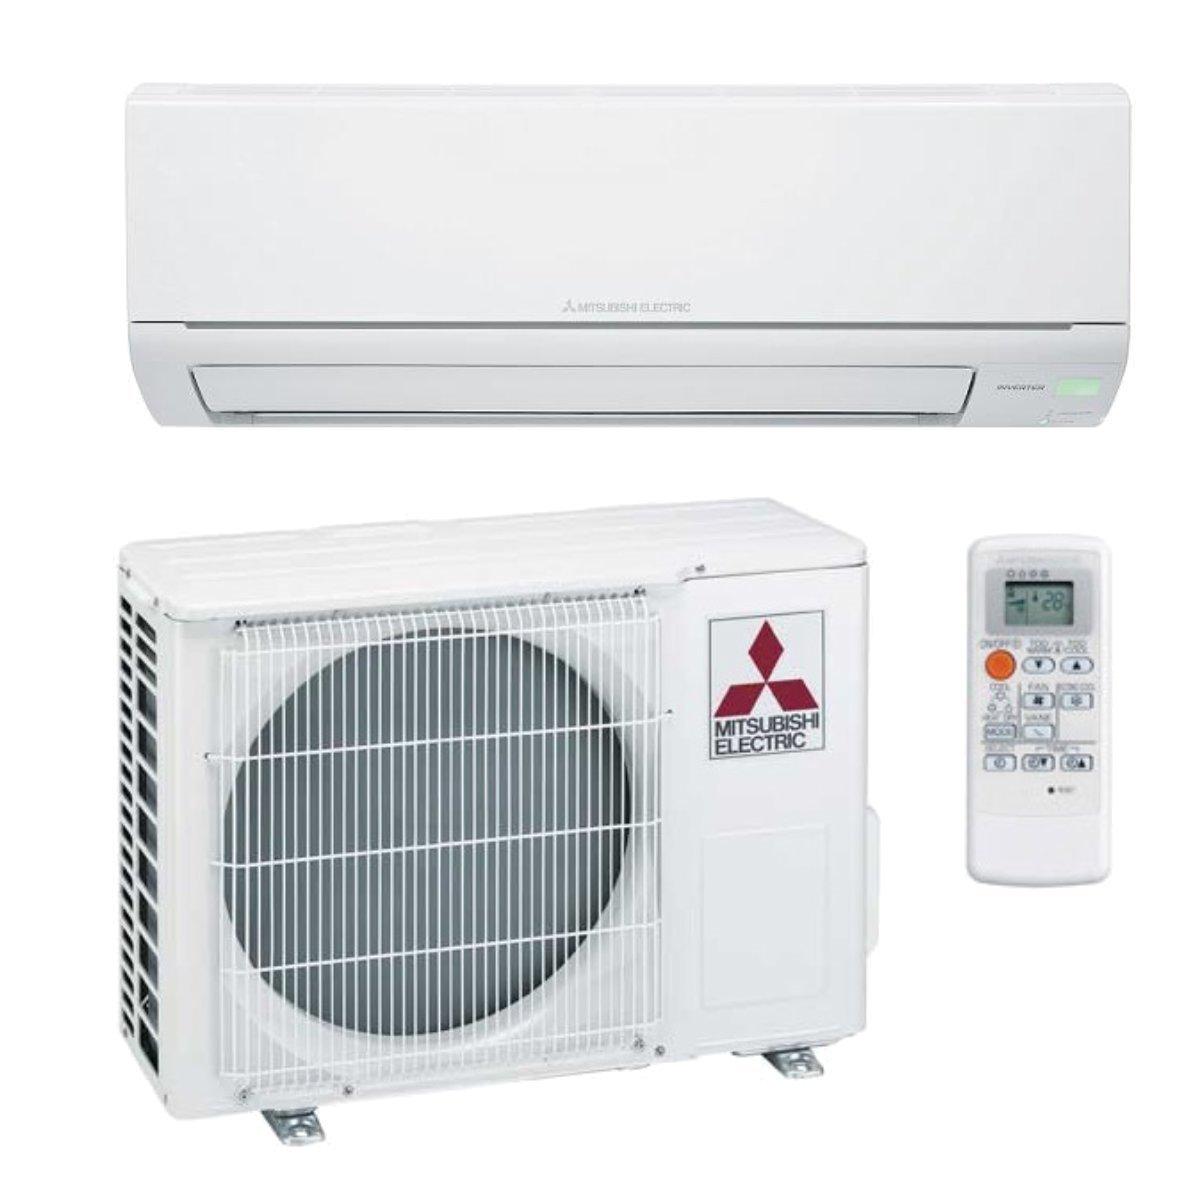 Recensione Mitsubishi Climatizzatore Condizionatore Inverter Btu 9000 AA  MSZHJ25VA U2013 Opinioni Climatizzatori Fissi